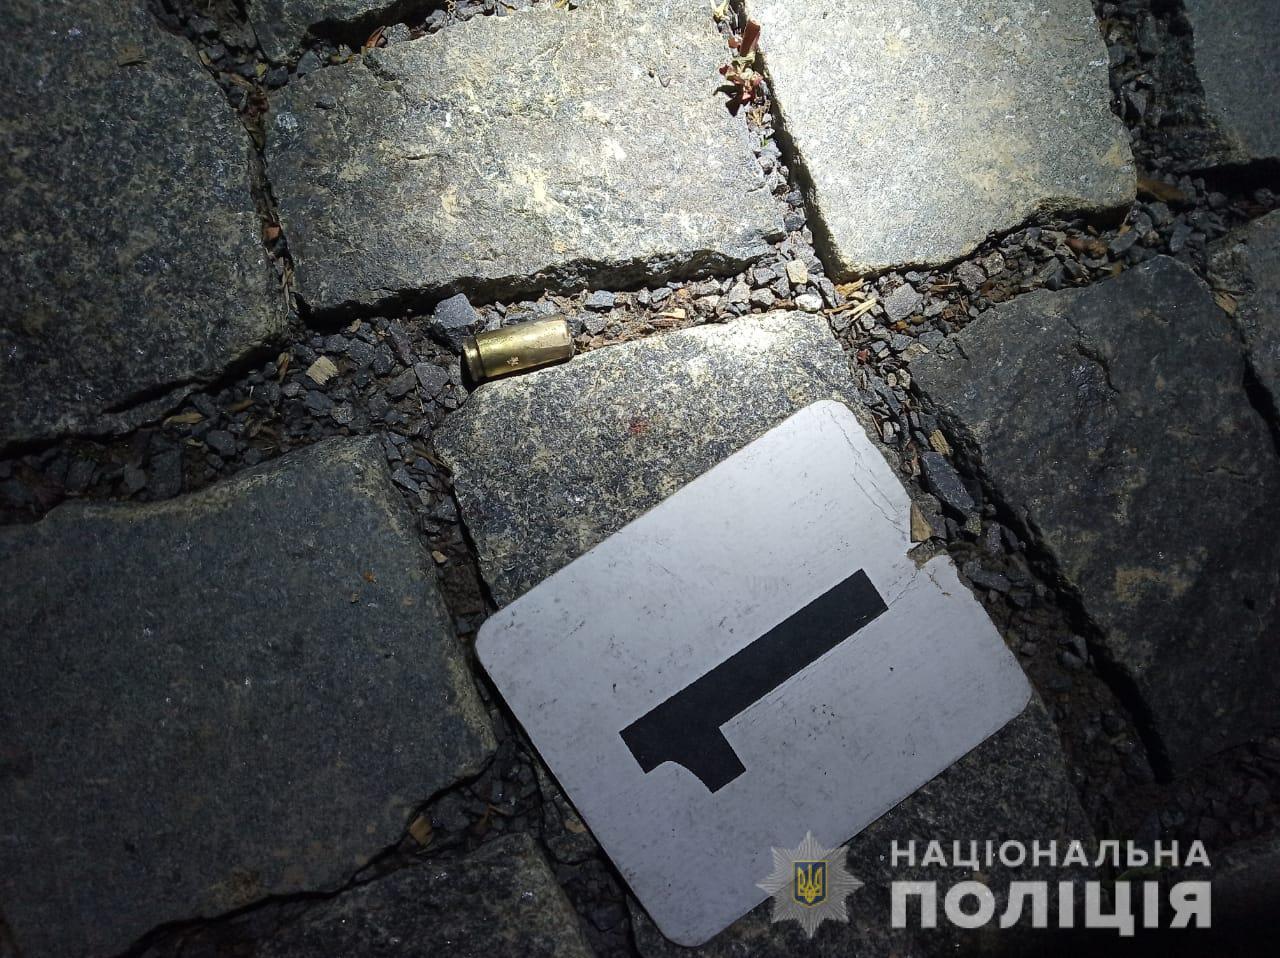 Поліцейські Мукачівського районного відділення поліції розслідують справу, що  стосується хуліганських дій із застосуванням зброї в одному із закладів відпочинку селища Чинадієво.